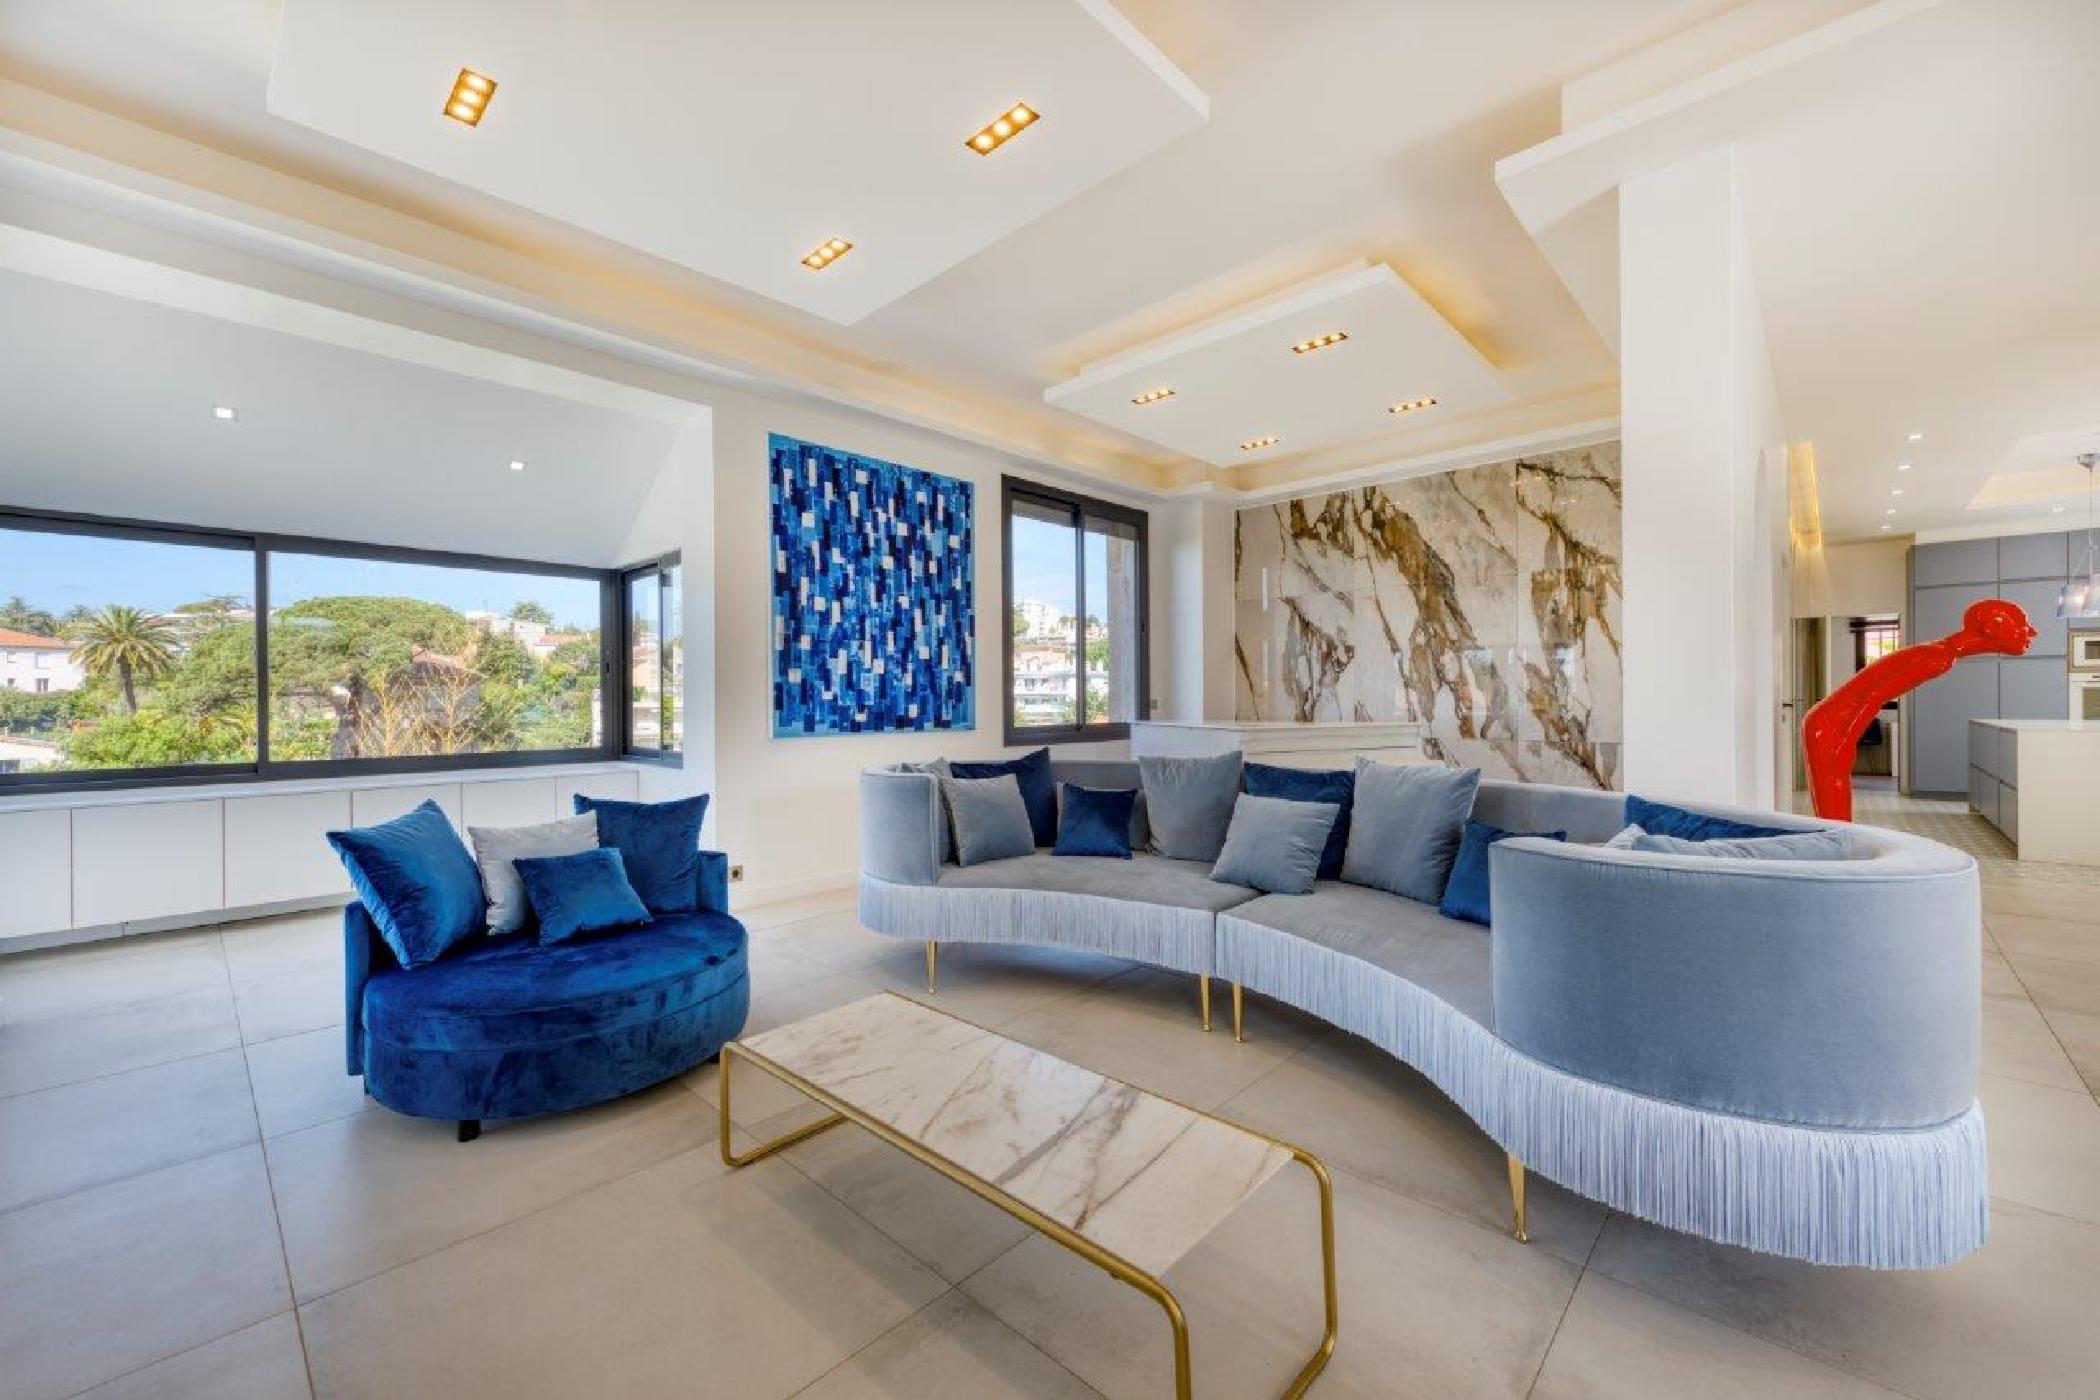 Maison Vue Moderne (9).jpg